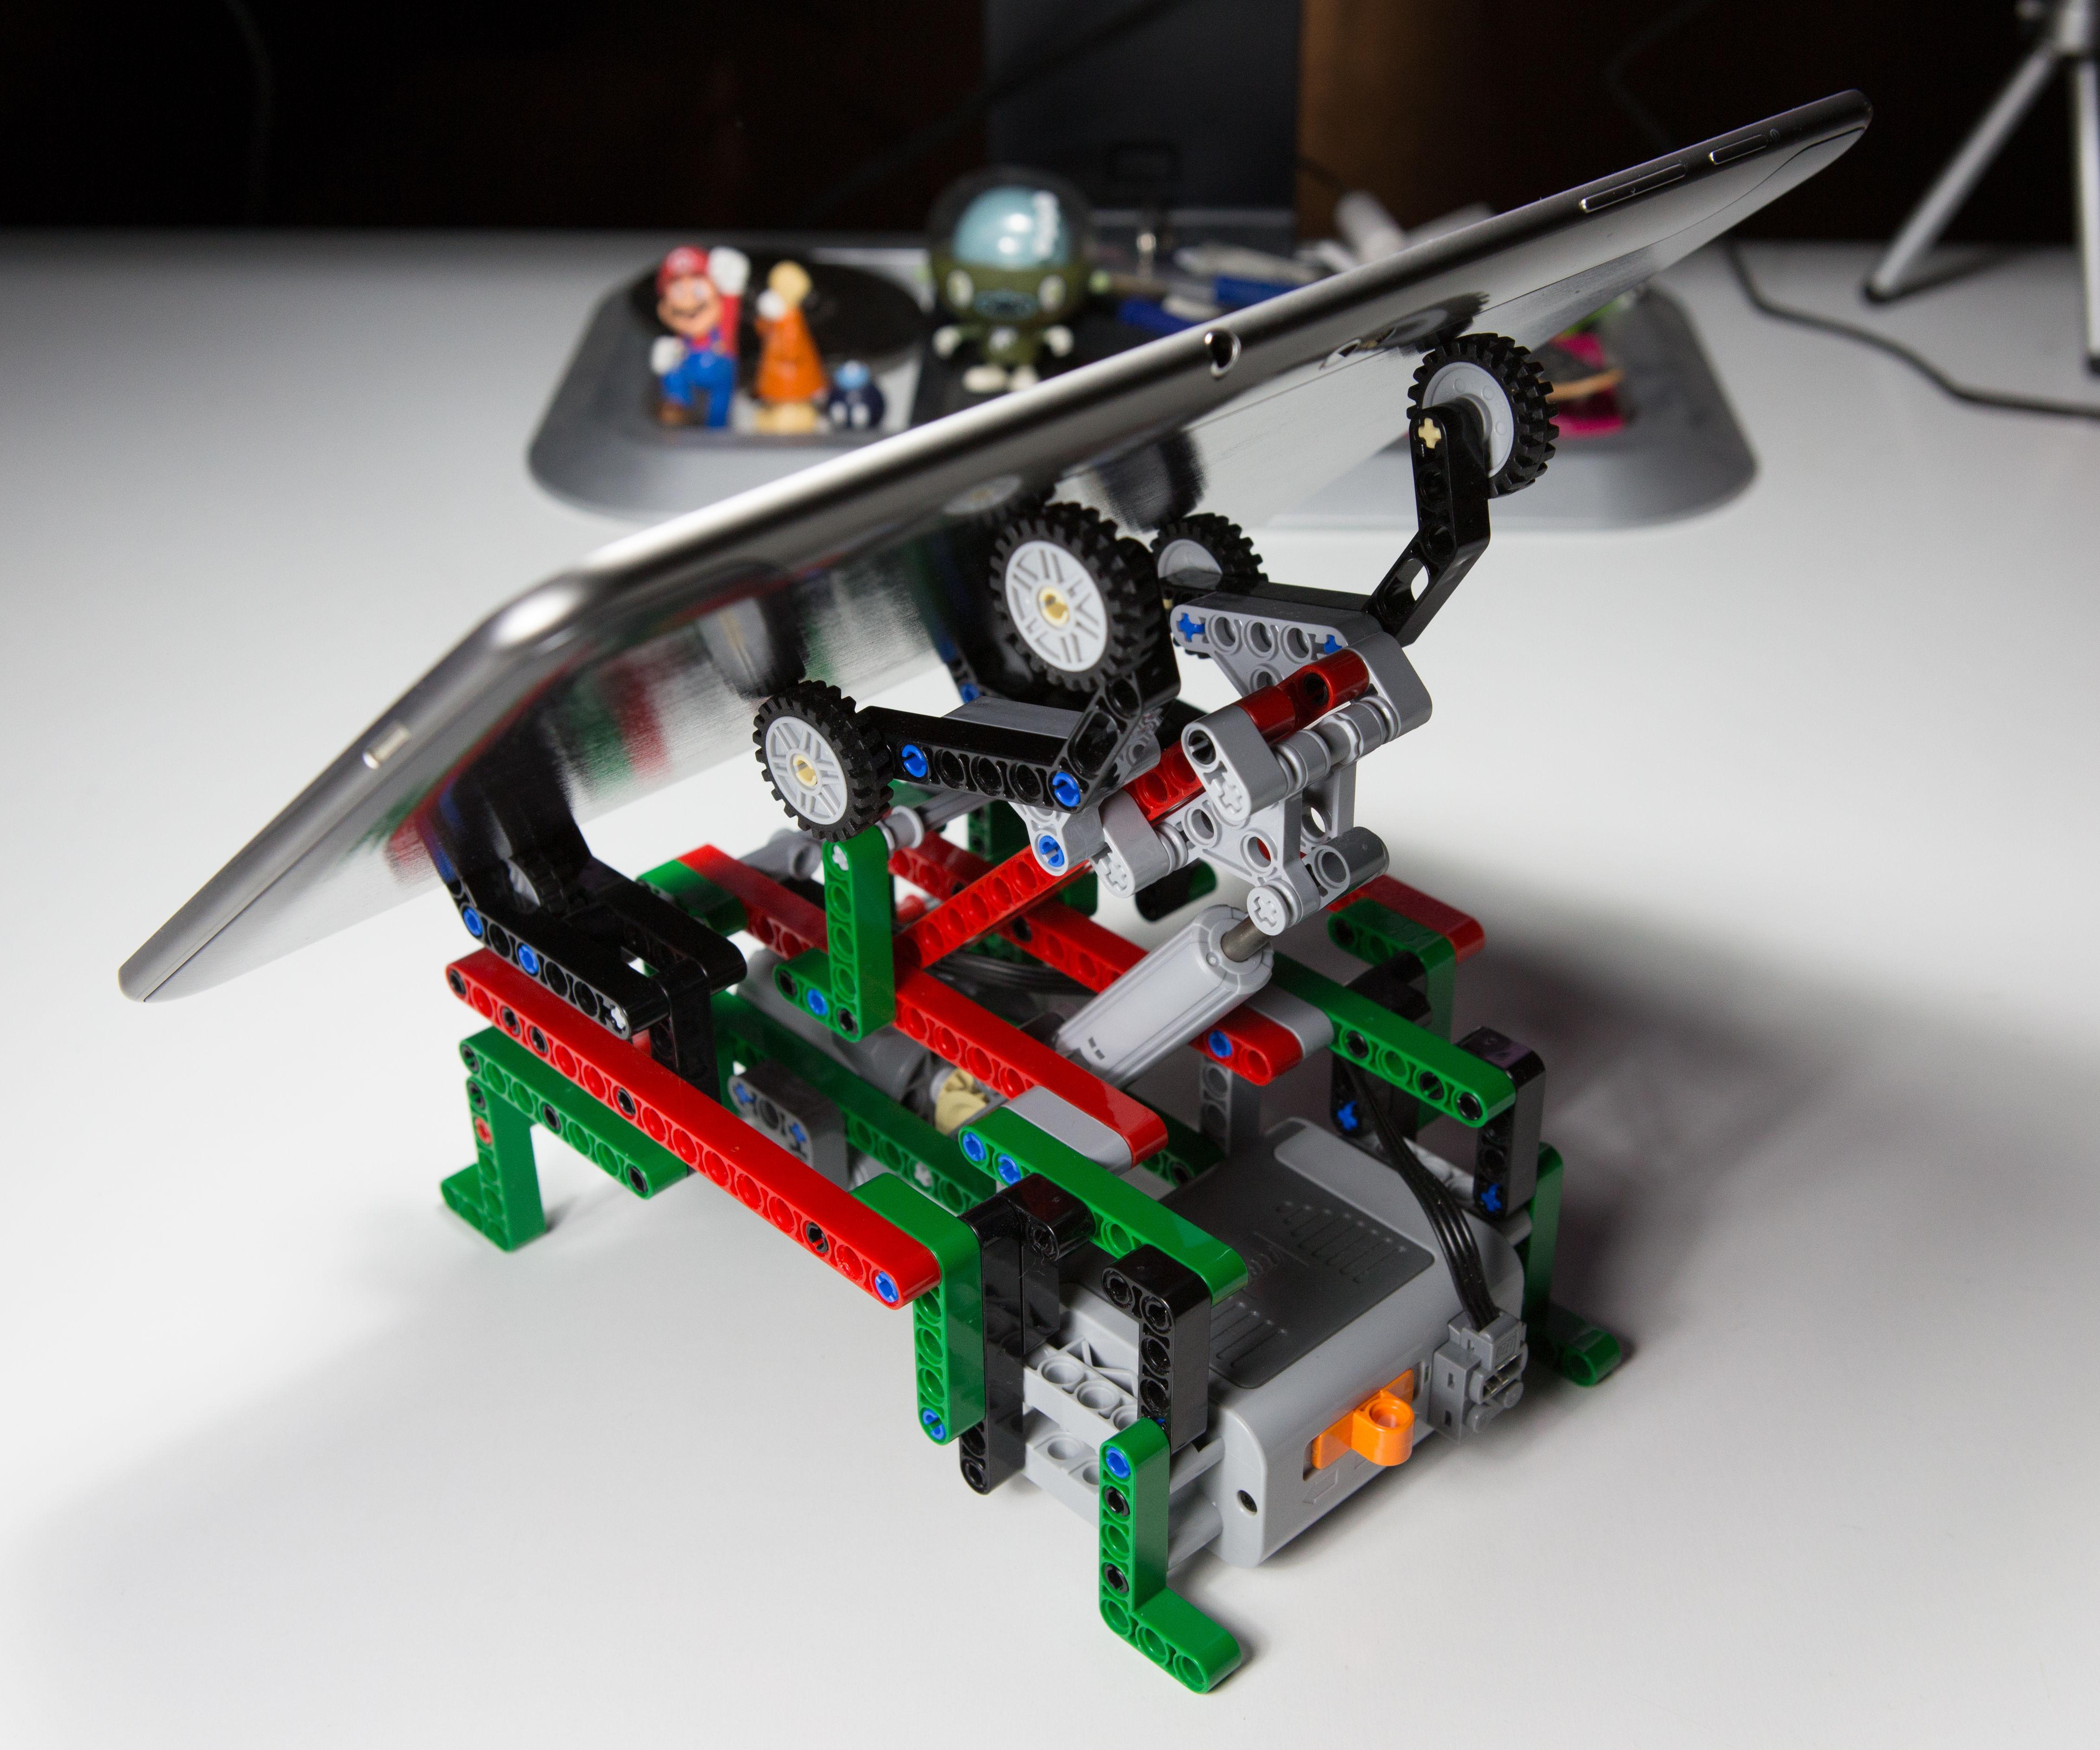 Motorised LEGO adjustable tablet cradle